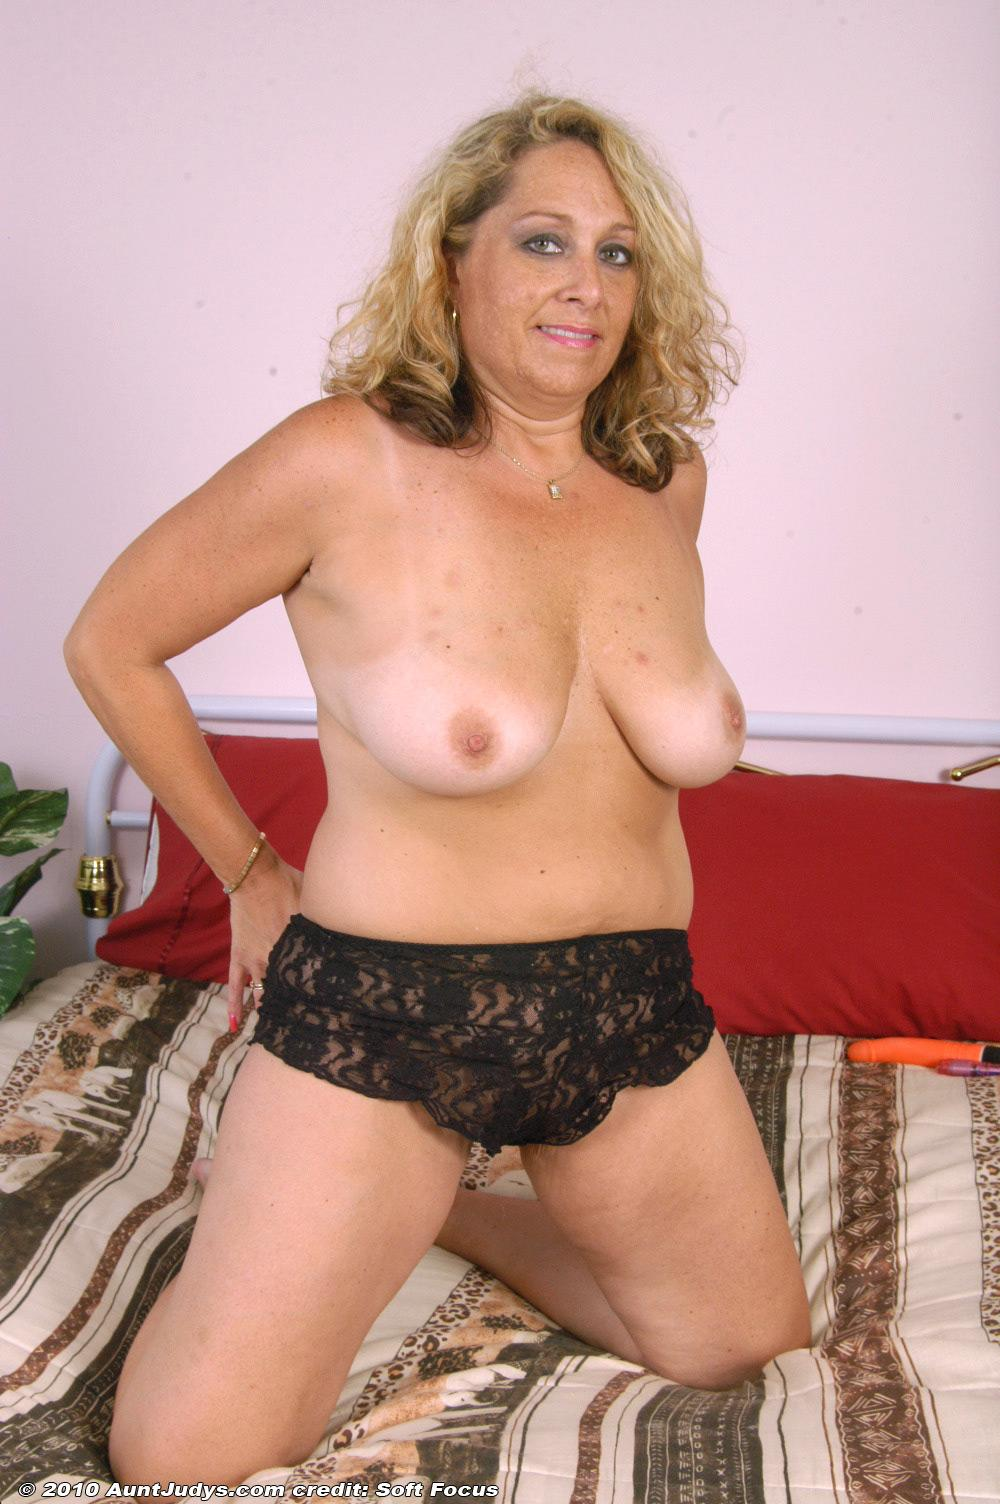 Older mature women photos-5583